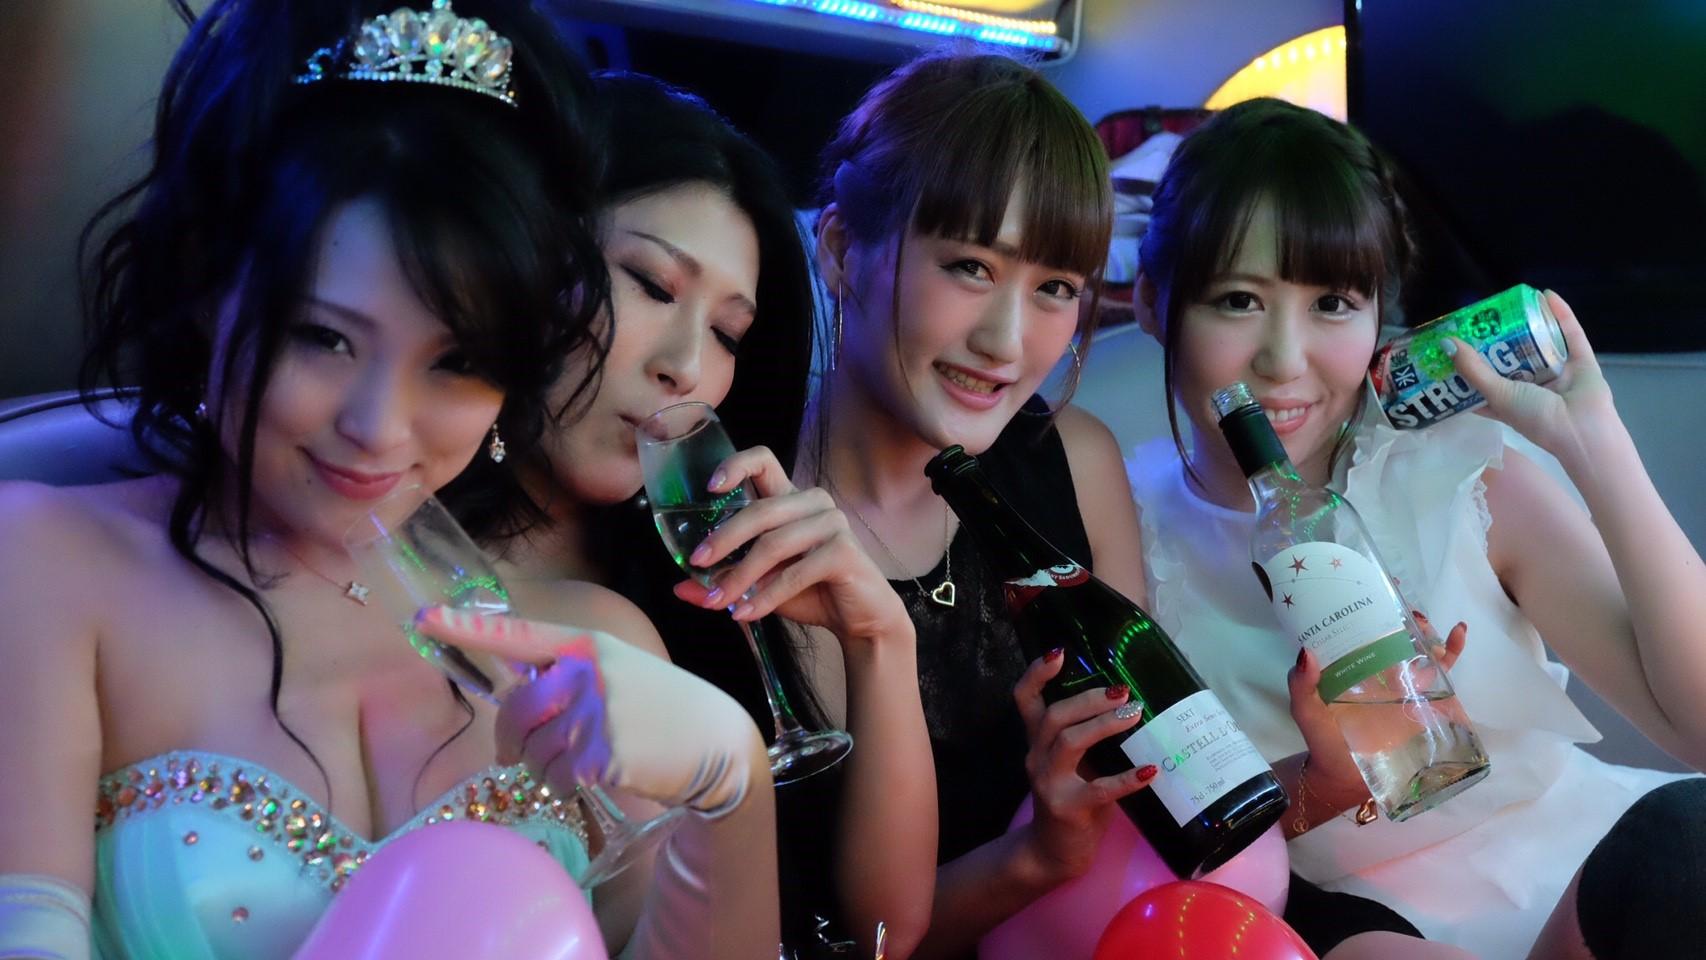 リムジンパーティー リムジン女子会 リムジンレンタル リムジン リムジン女子会 リムジン誕生日